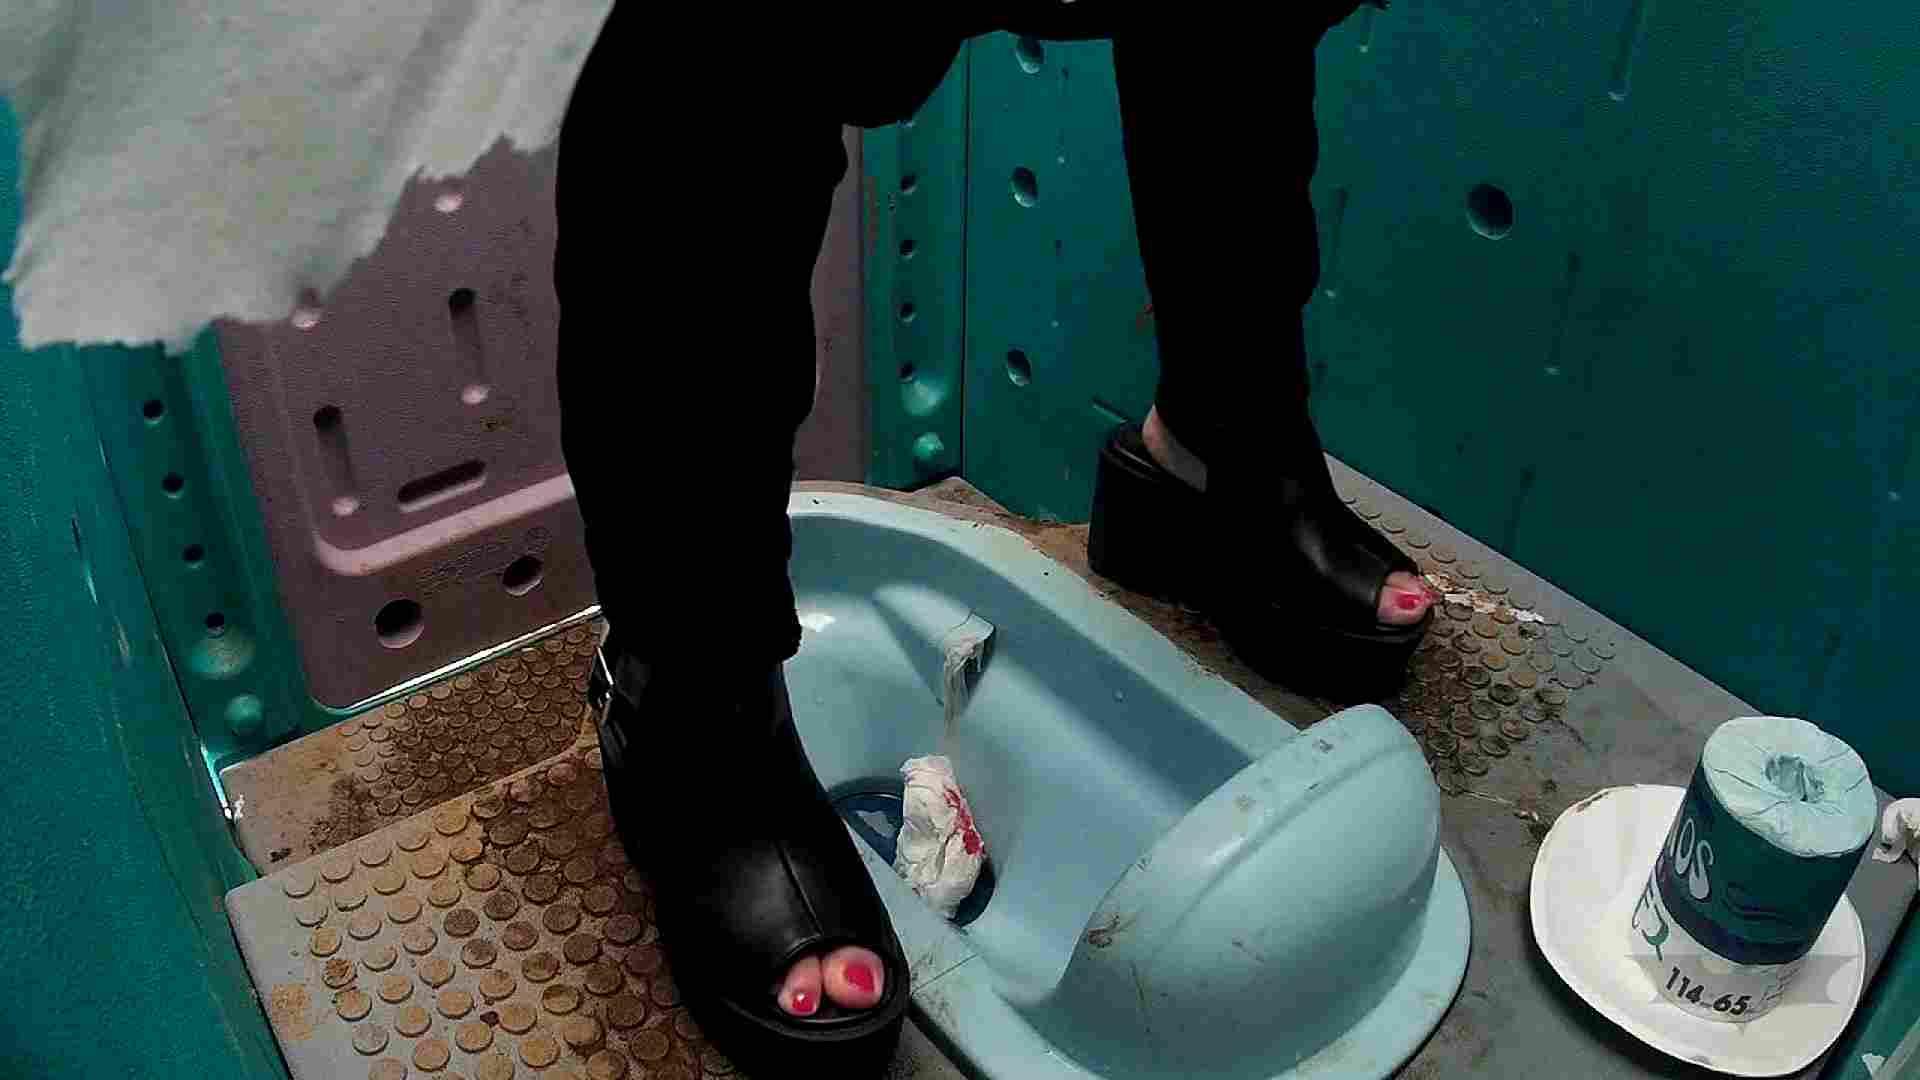 痴態洗面所 Vol.06 中が「マジヤバいヨネ!」洗面所 洗面所着替え | OL  100連発 26